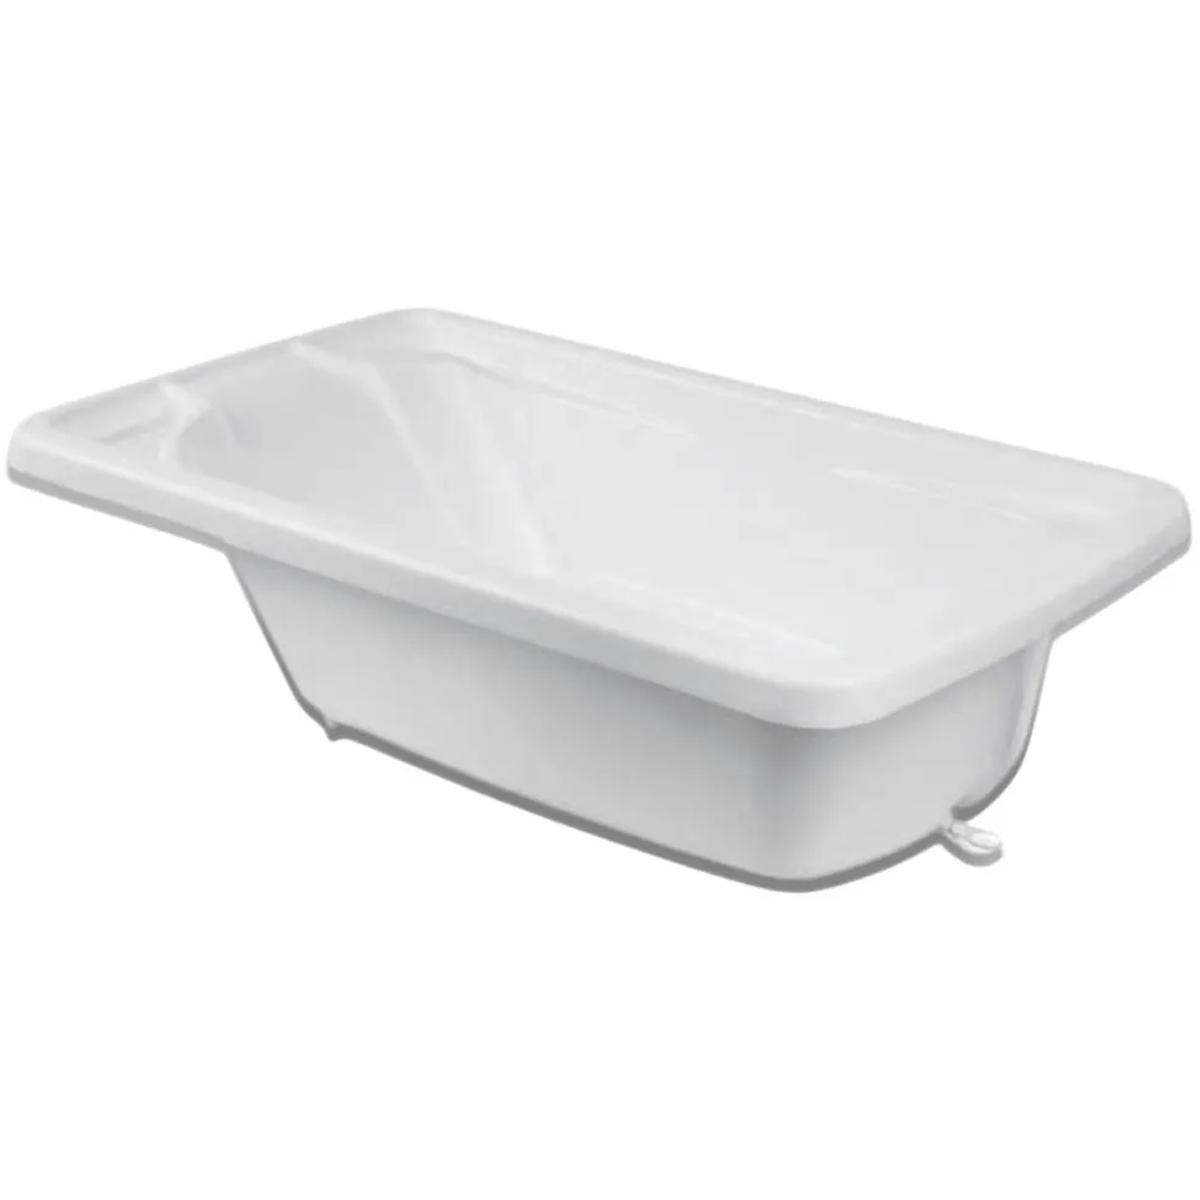 Banheira Bebe Plástica Rigida Branca Burigotto Sem Suporte